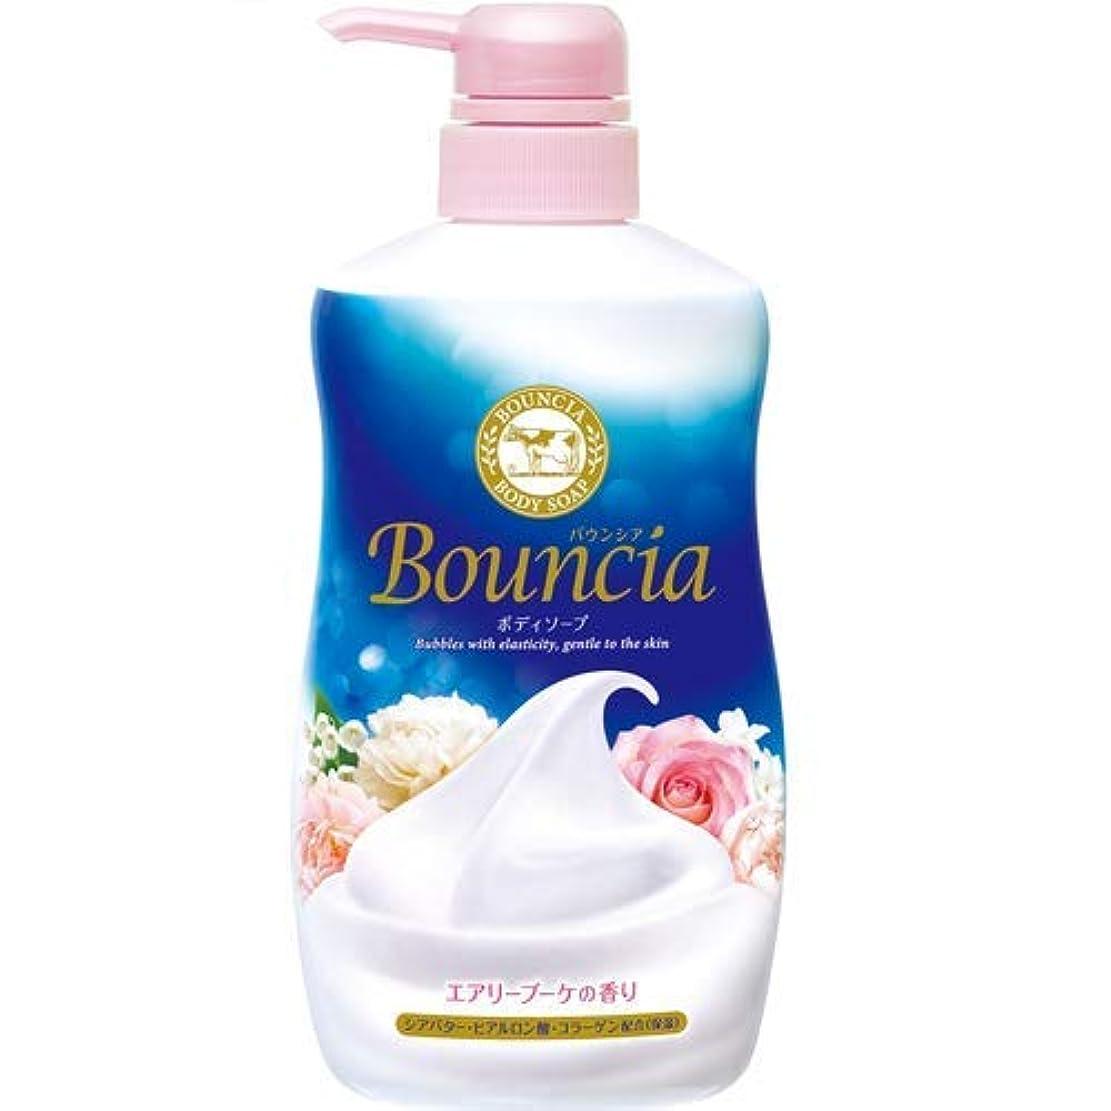 有害な協力的途方もないバウンシア ボディソープ エアリーブーケの香り ポンプ付 500mL